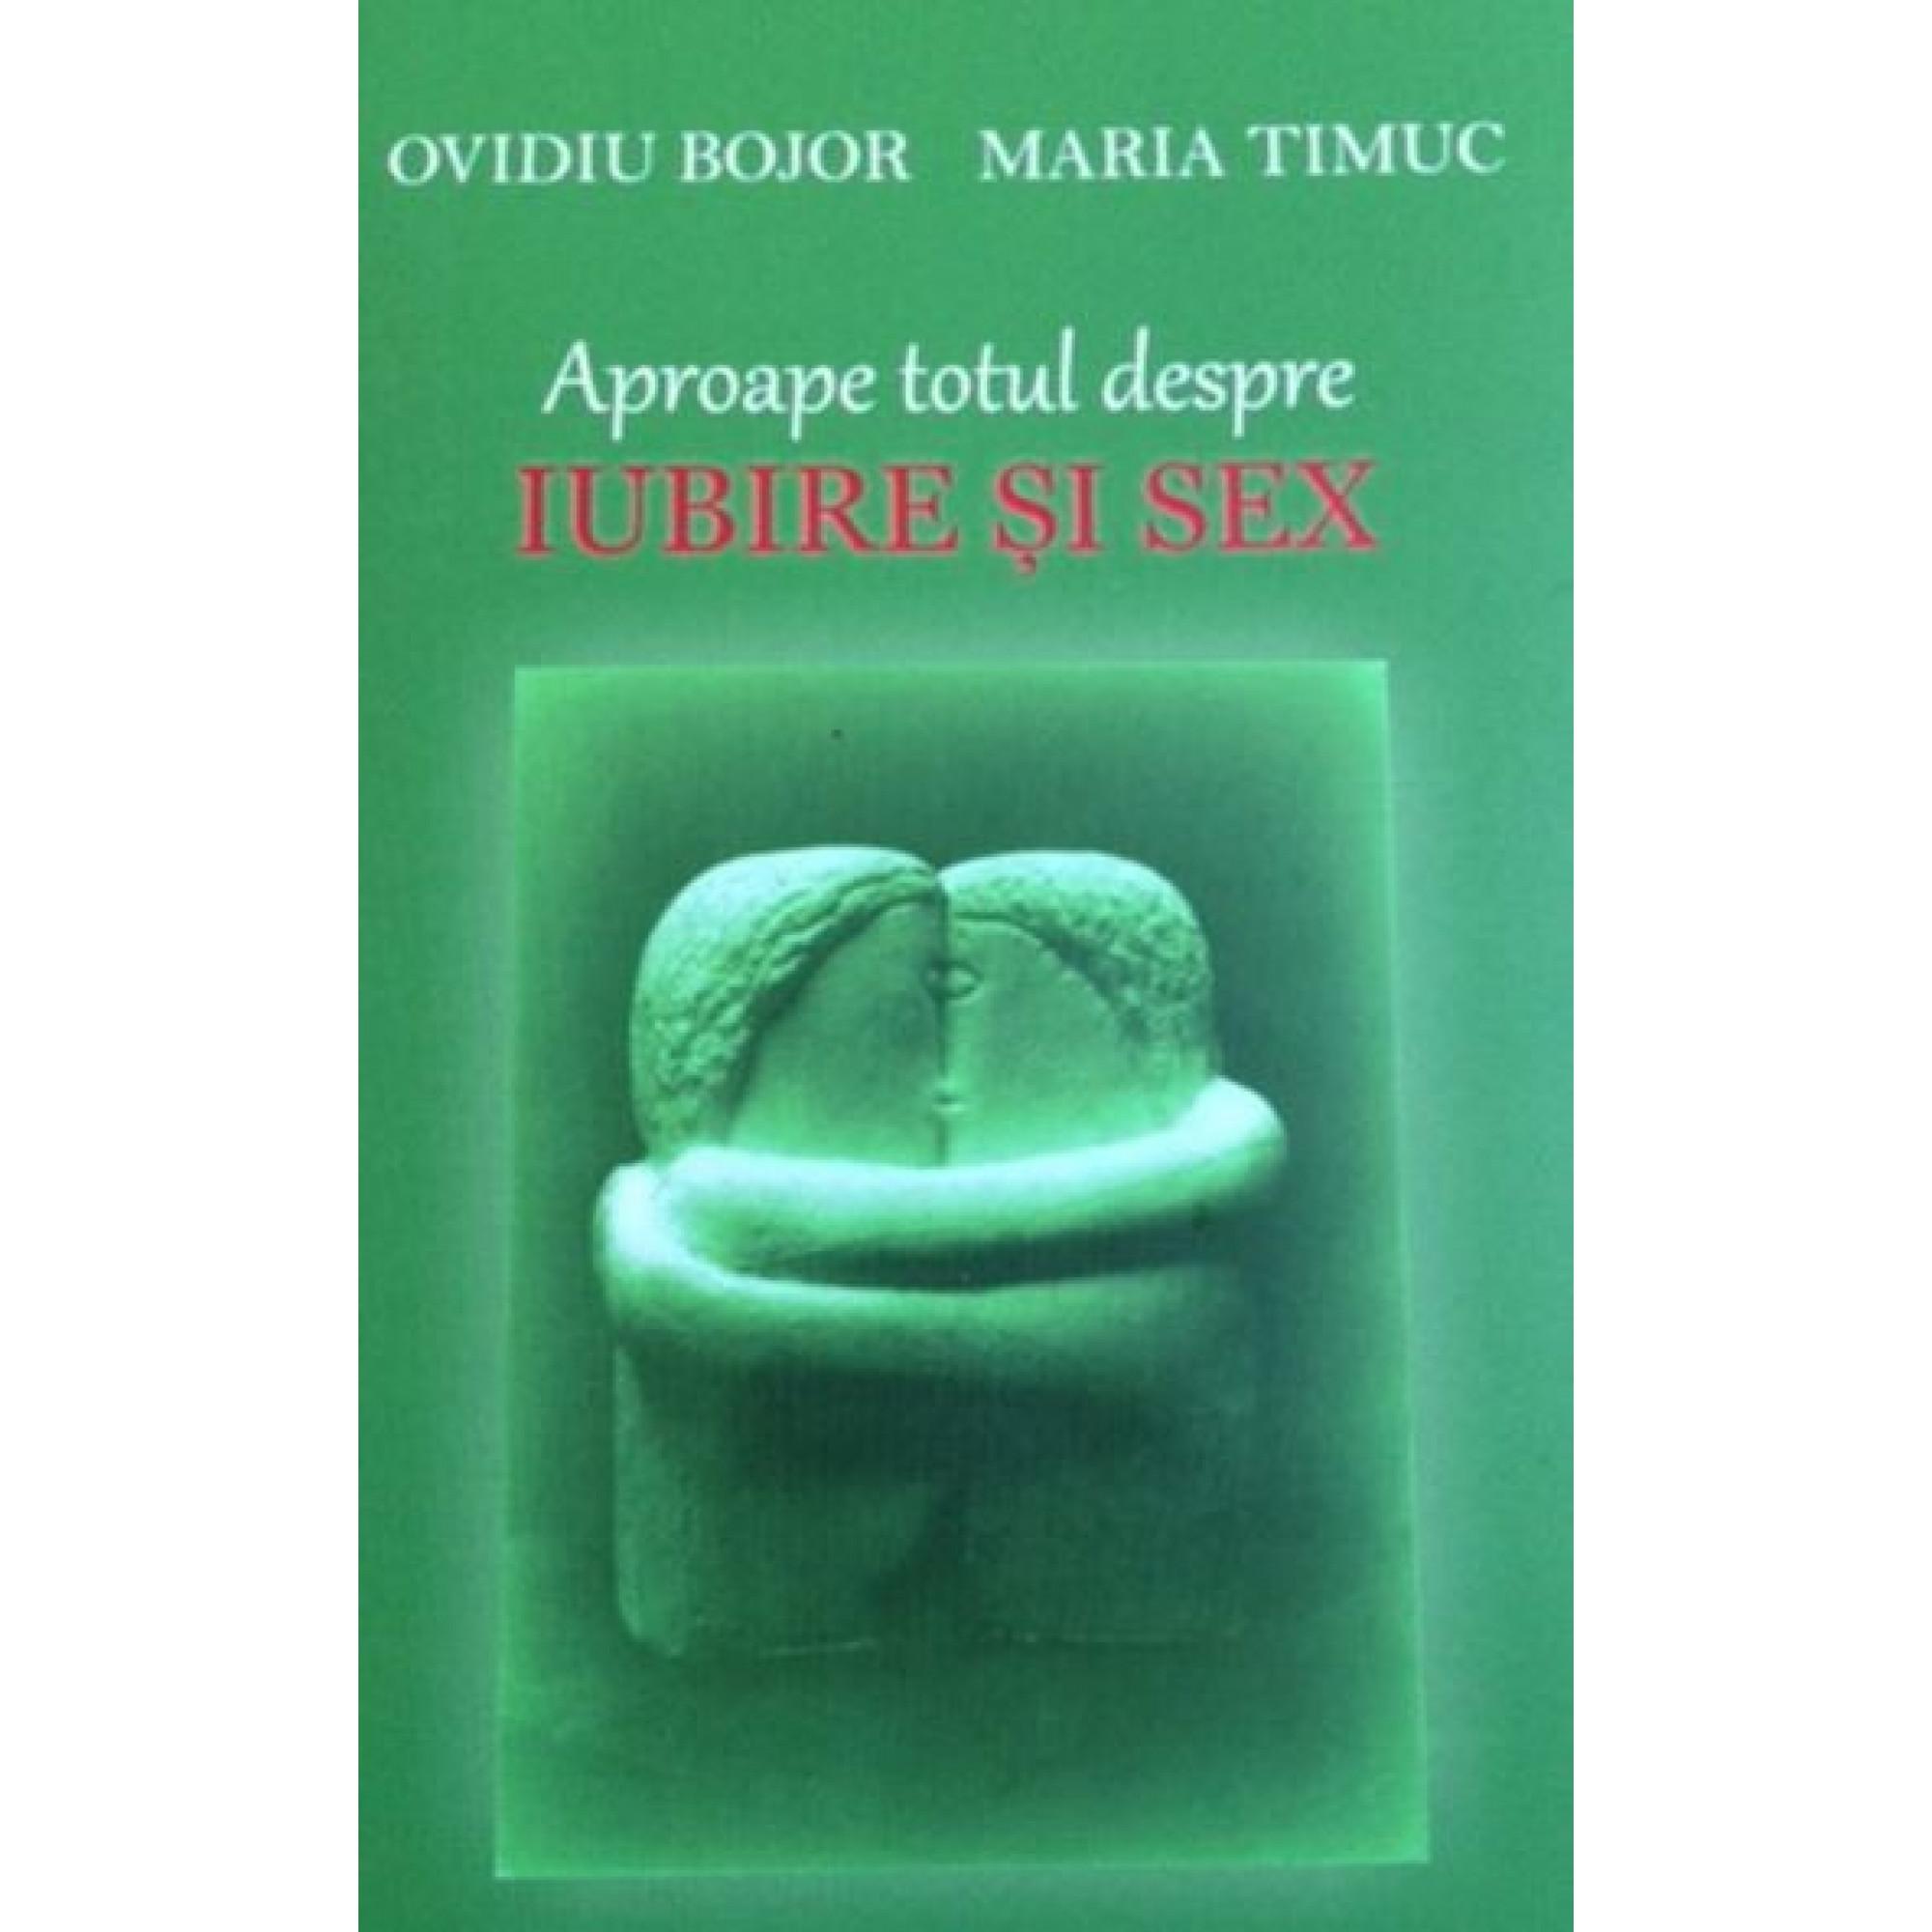 Aproape totul despre iubire si sex; Ovidiu Bojor, Maria Timuc